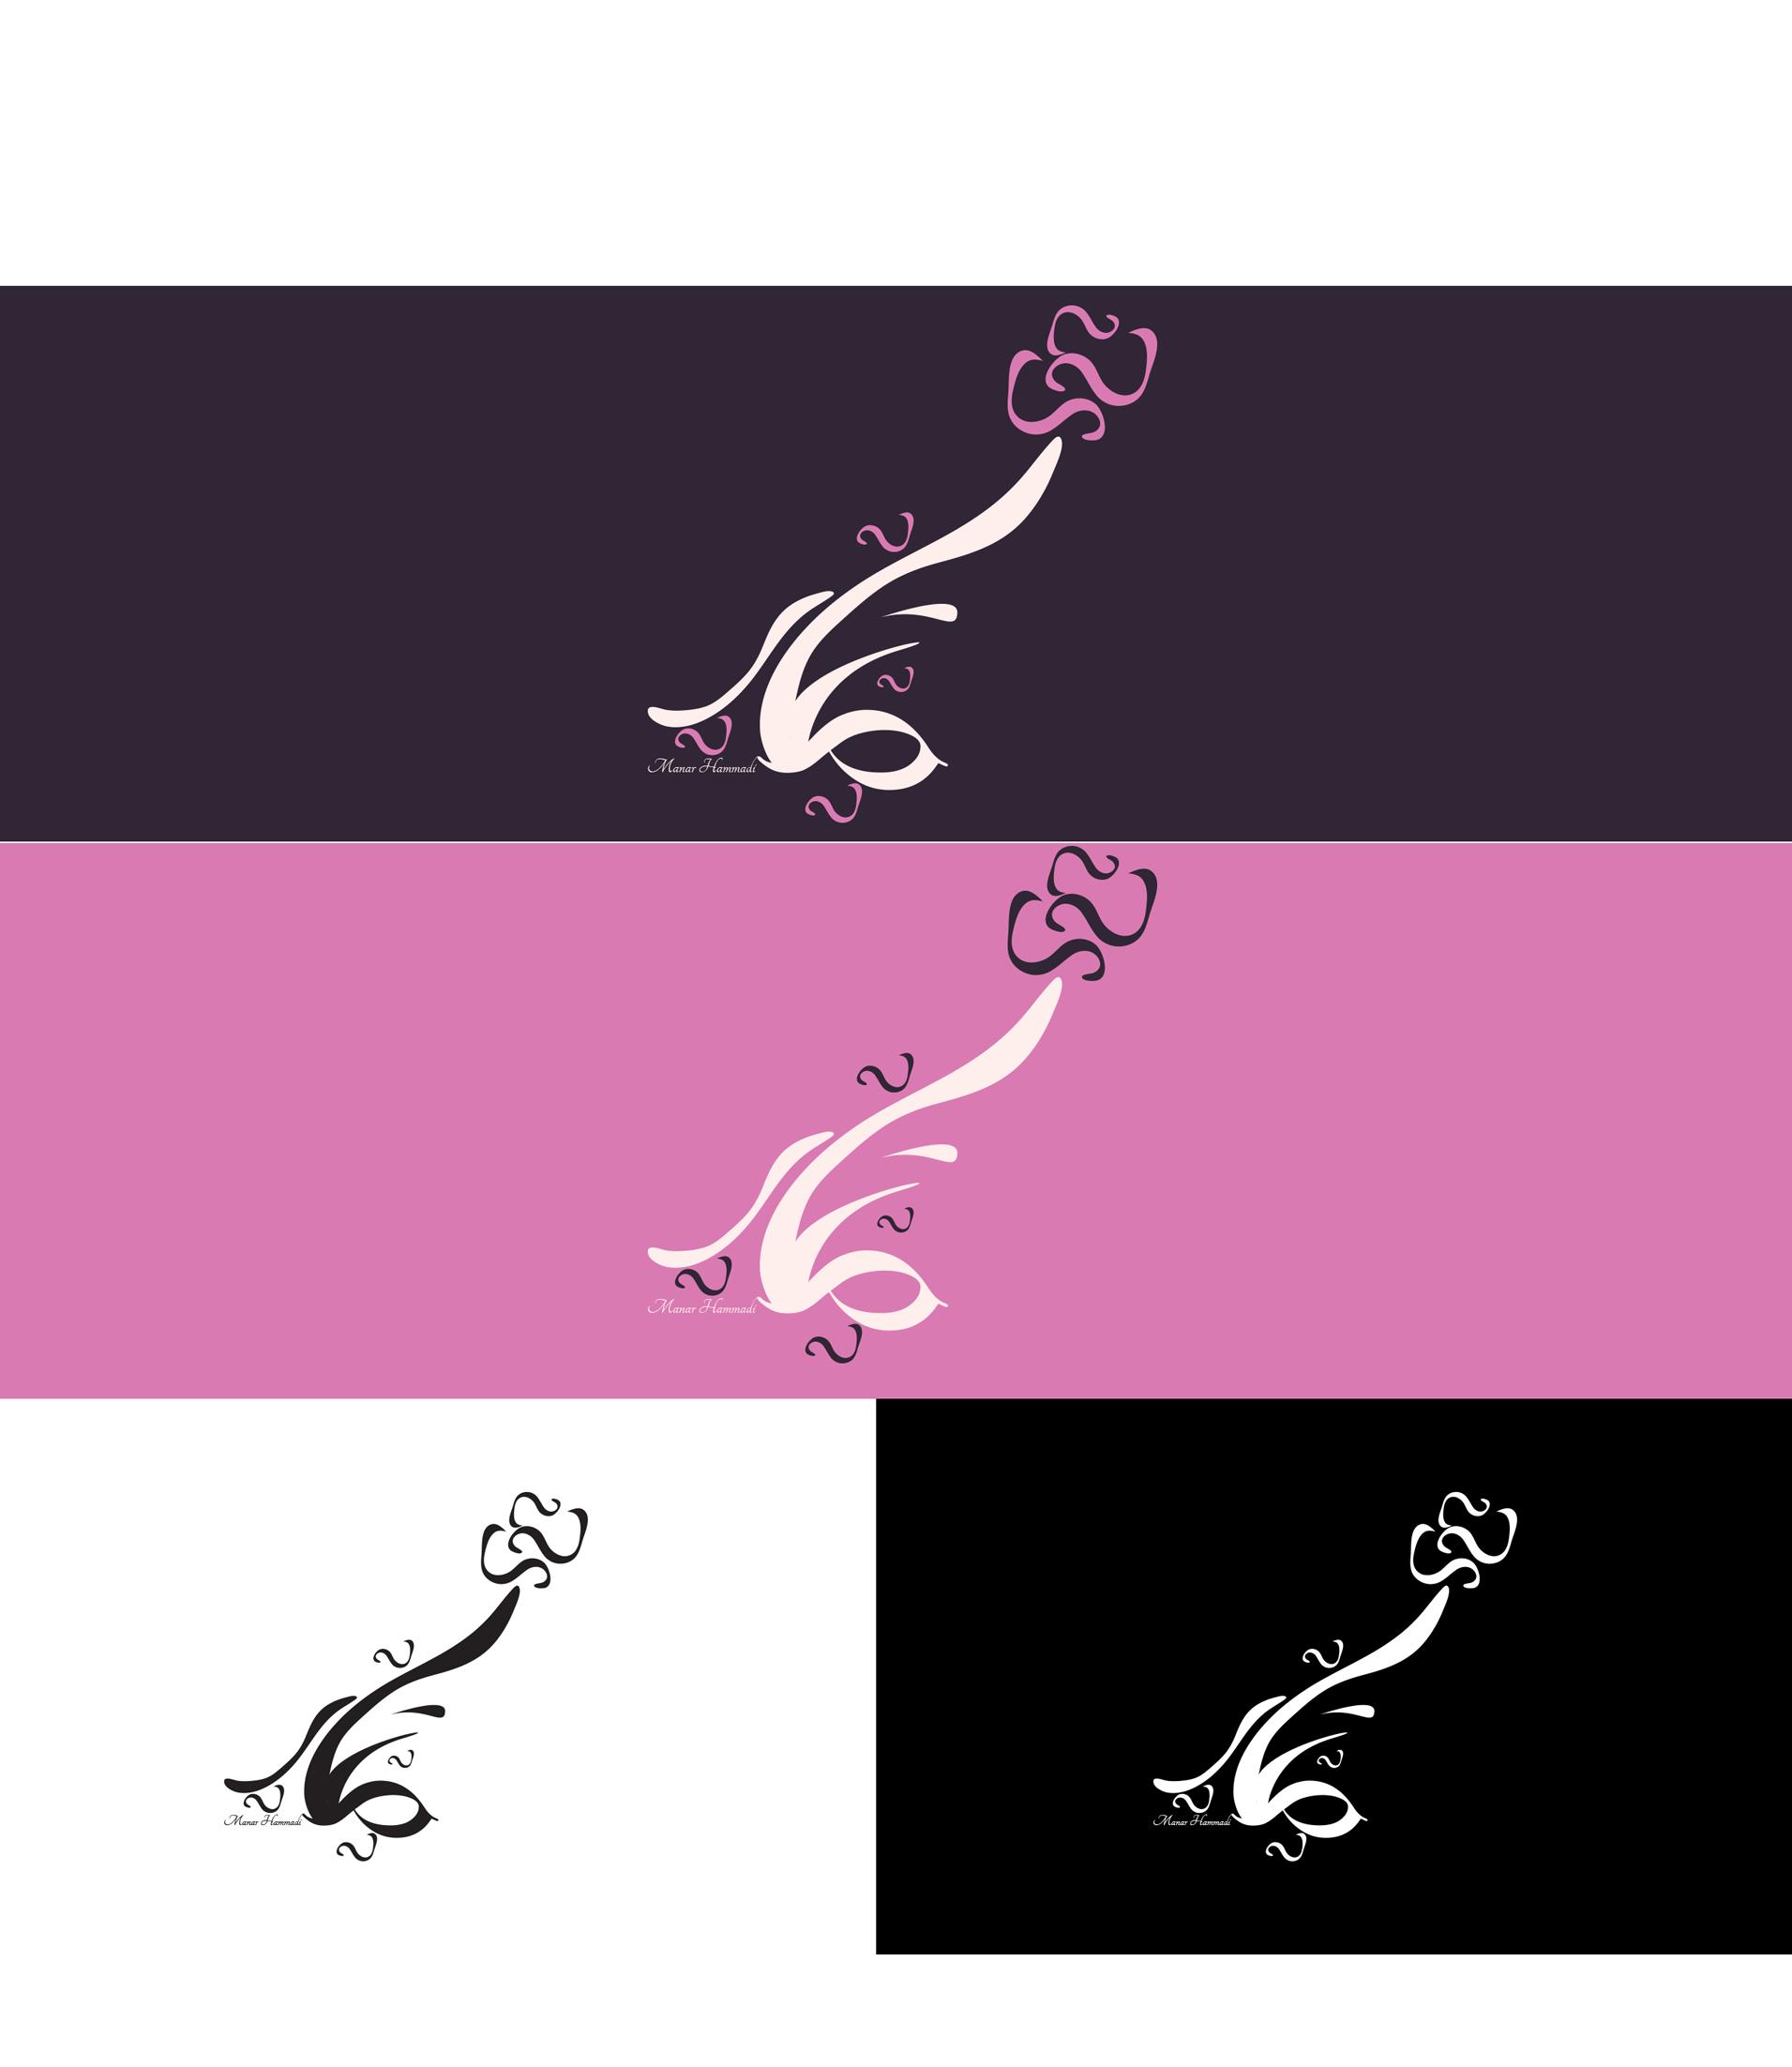 manar hammadi logo variations